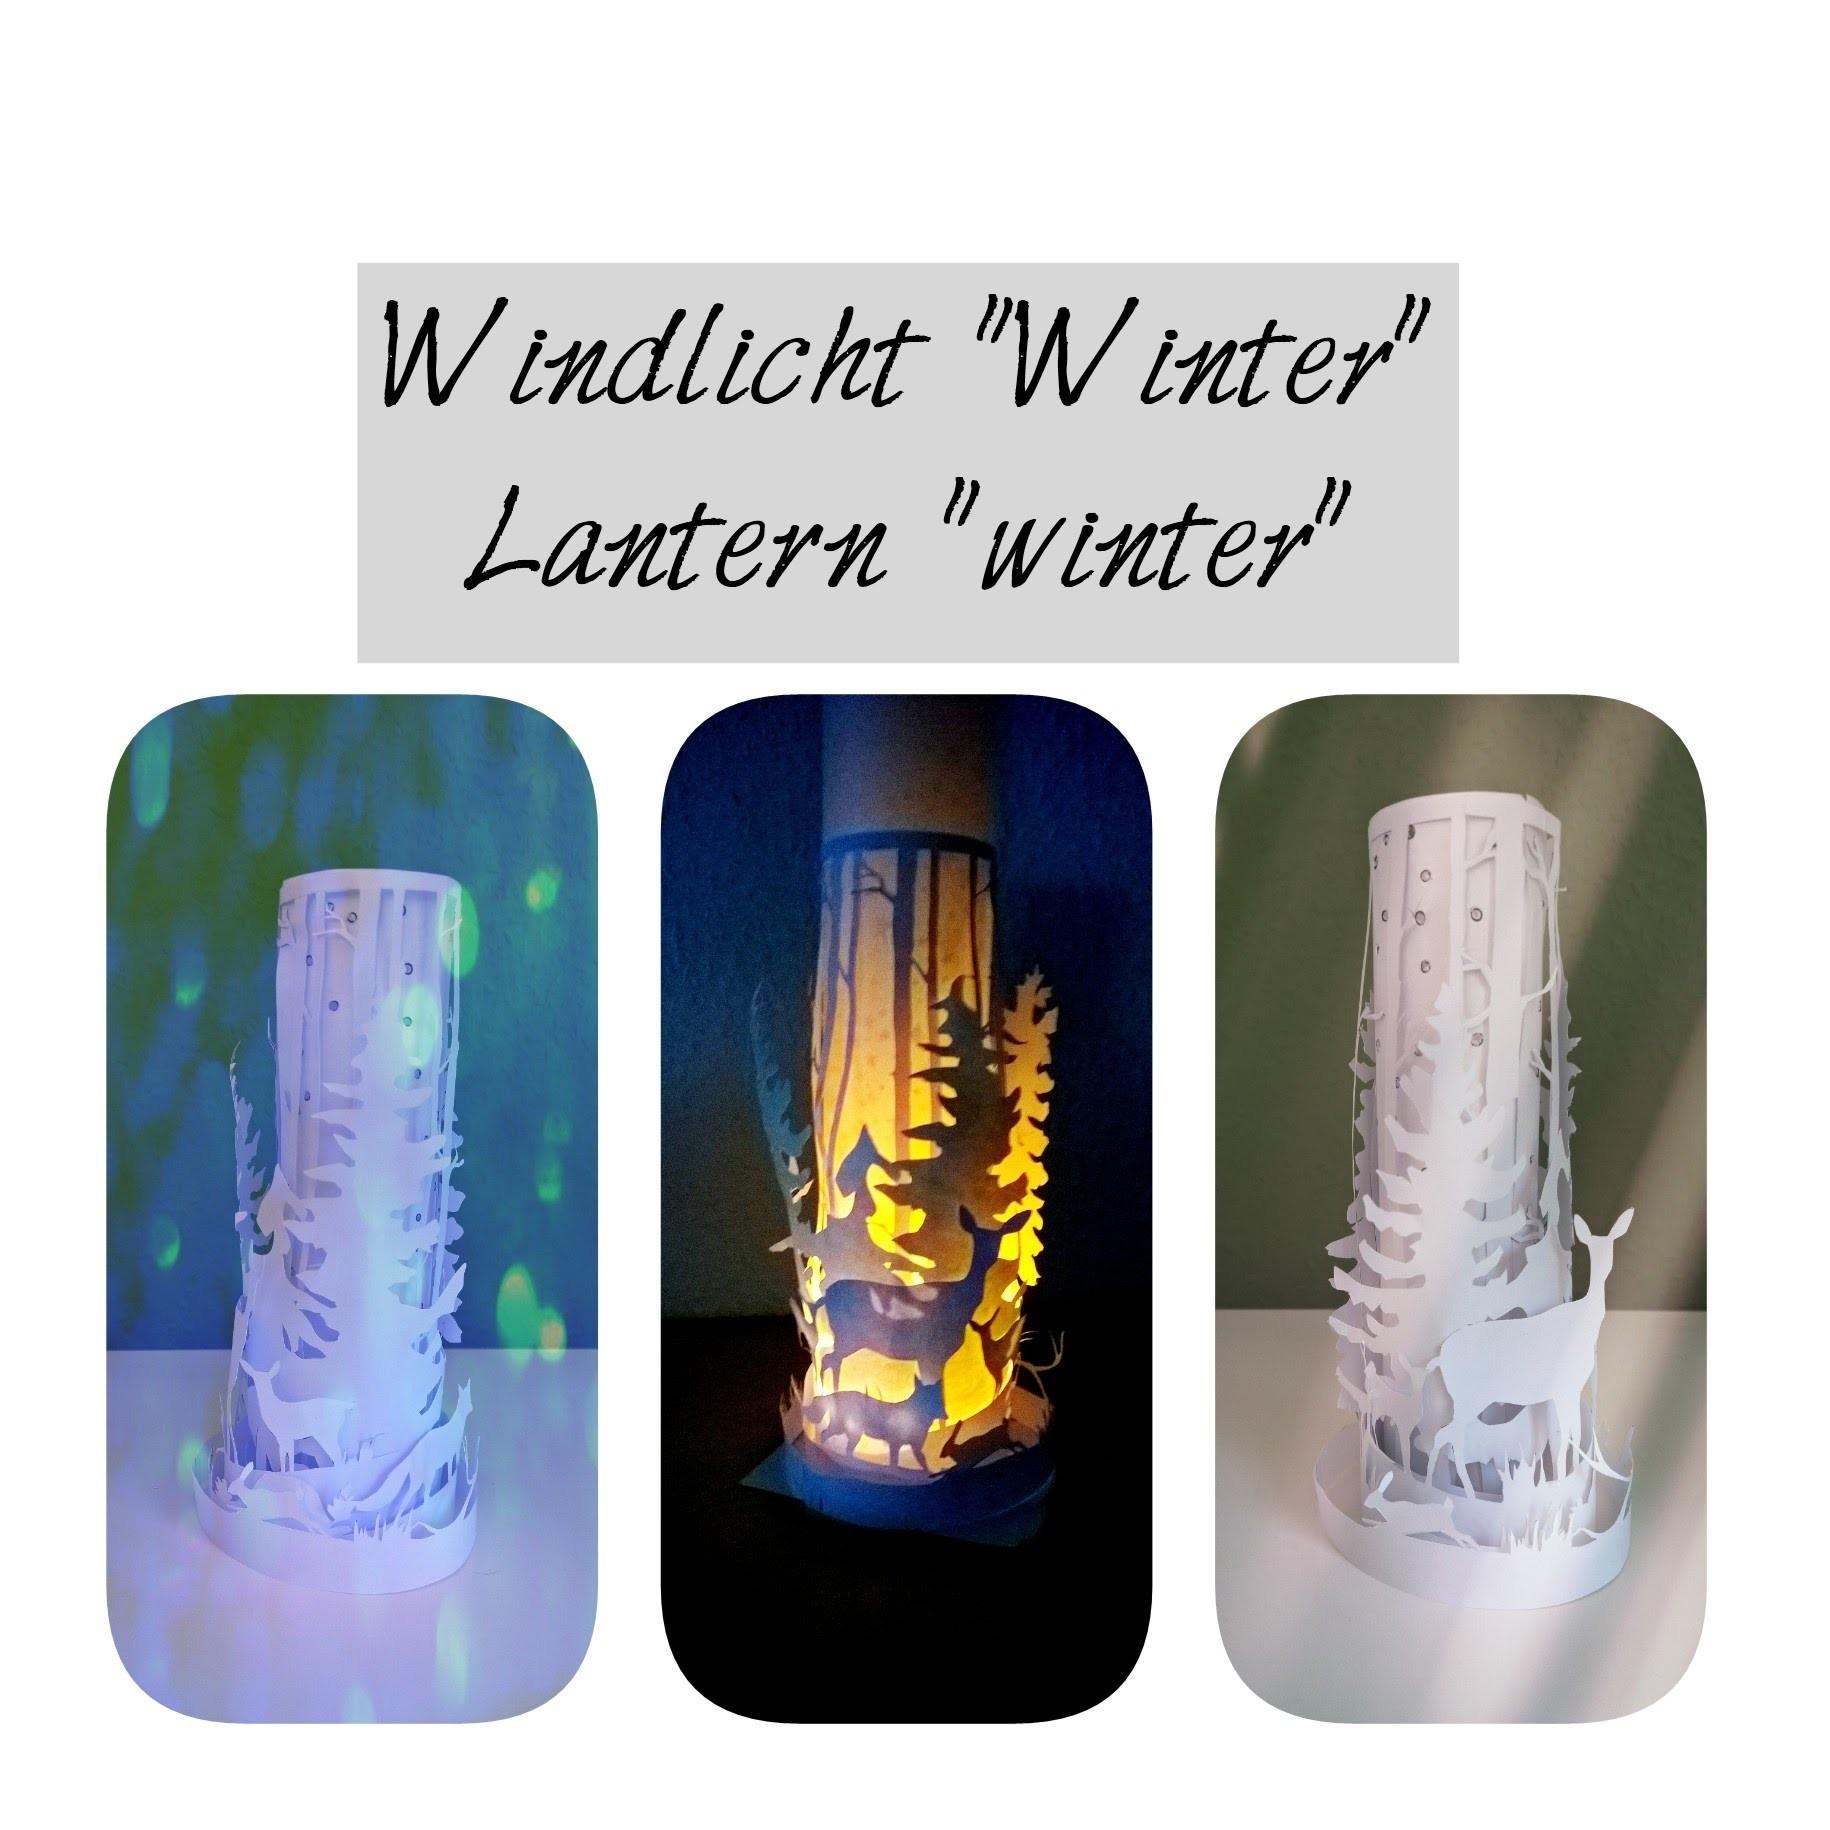 """Windlicht """"Winter"""" basteln, paper lantern winter"""